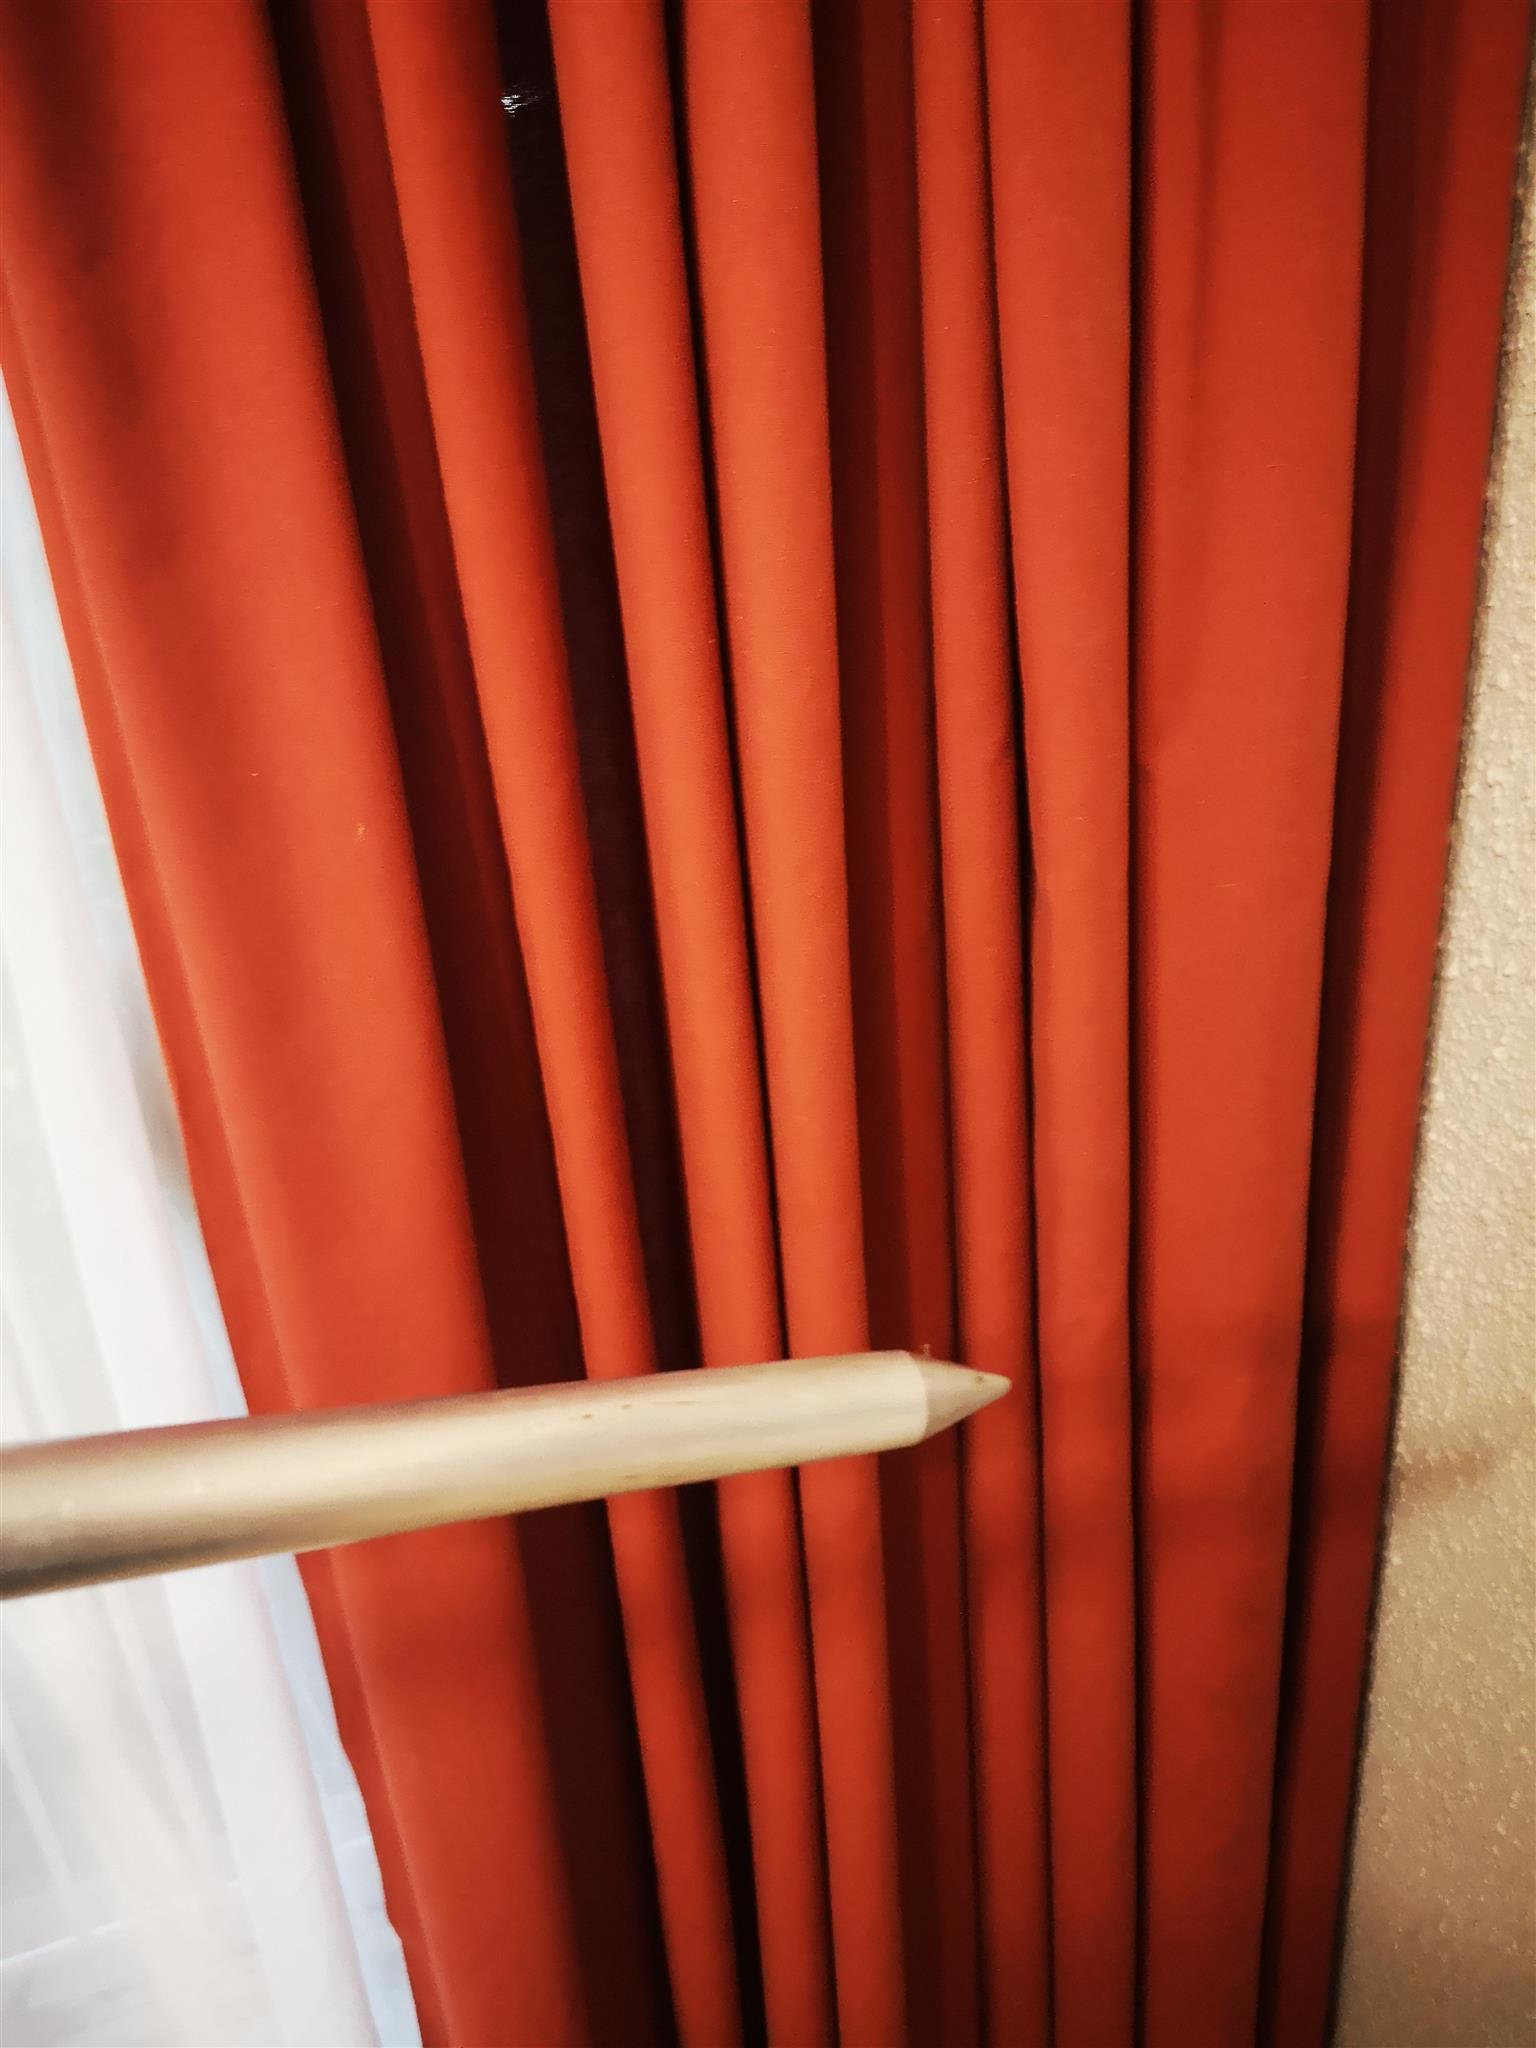 700g Nemeth 80m medium composite javelin